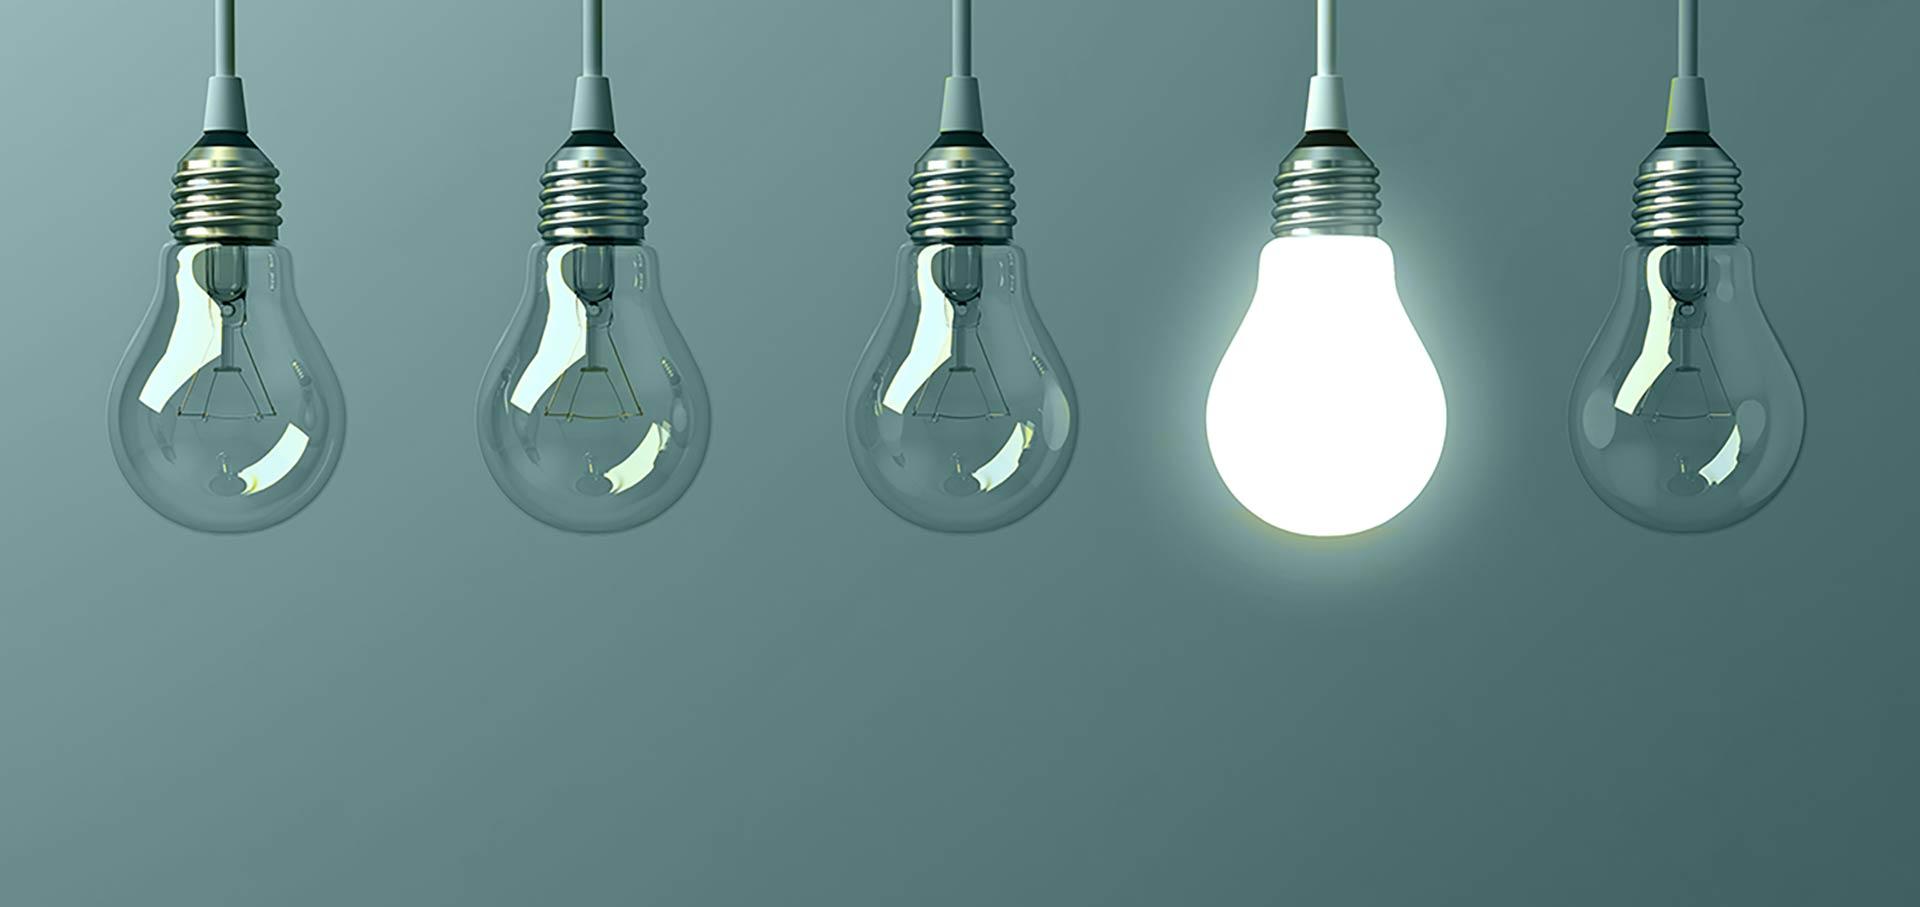 mehr Sichtbarkeit - eine Leuchte scheint, der Rest ist dunkel